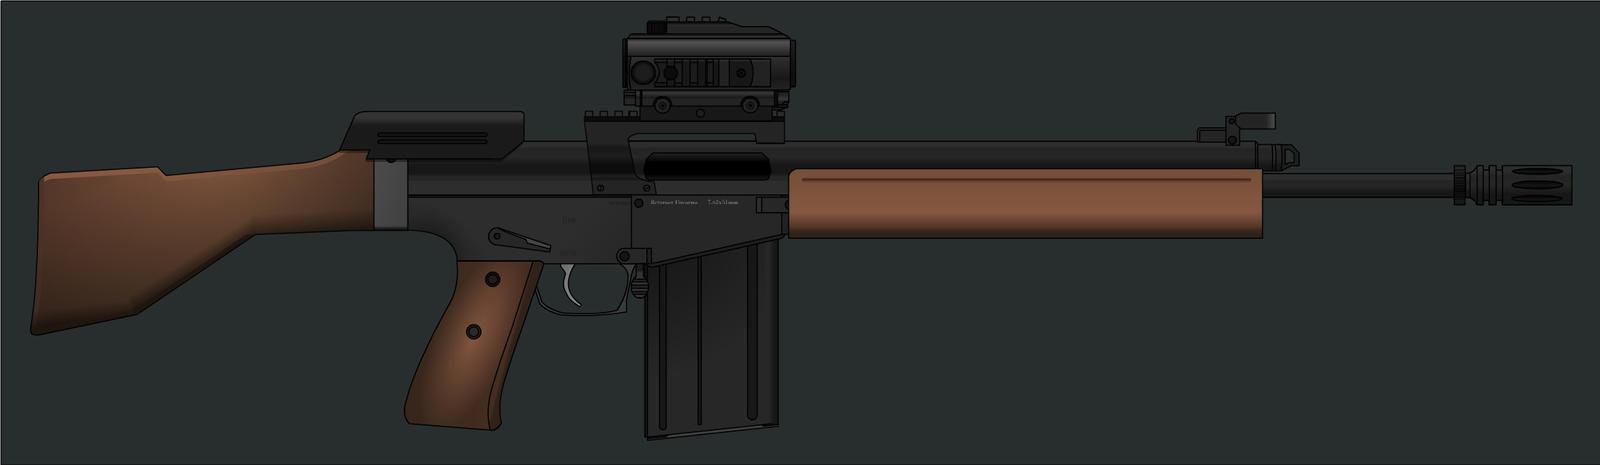 Returner Firearms Battle Rifle by KoeiX2